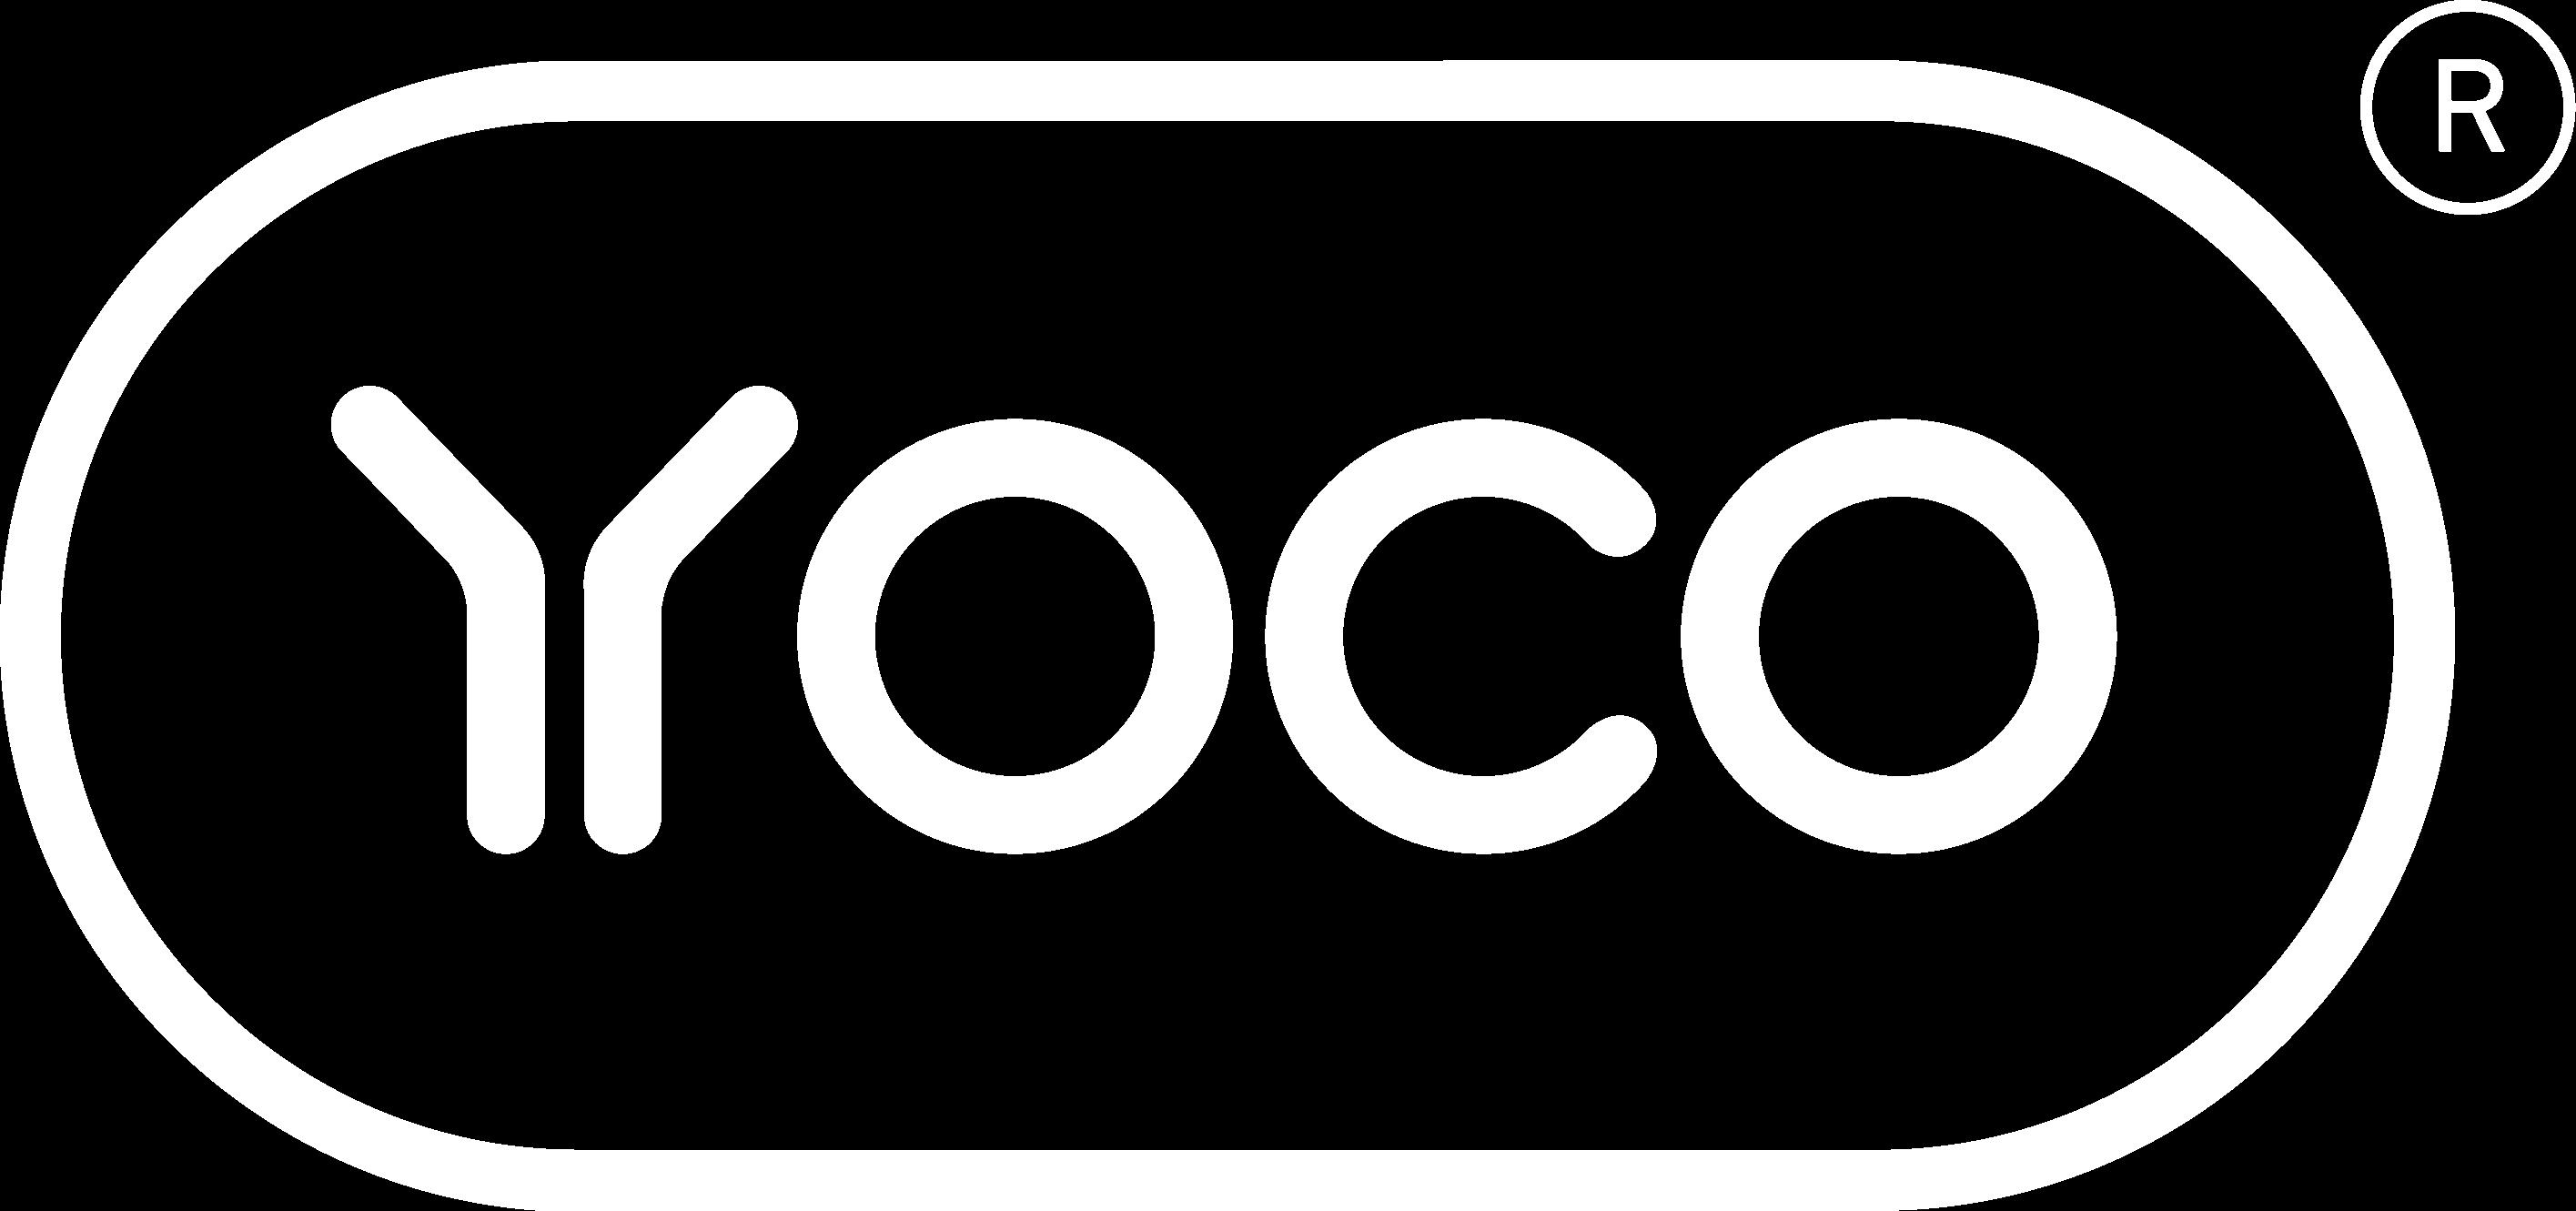 13 logo yoco